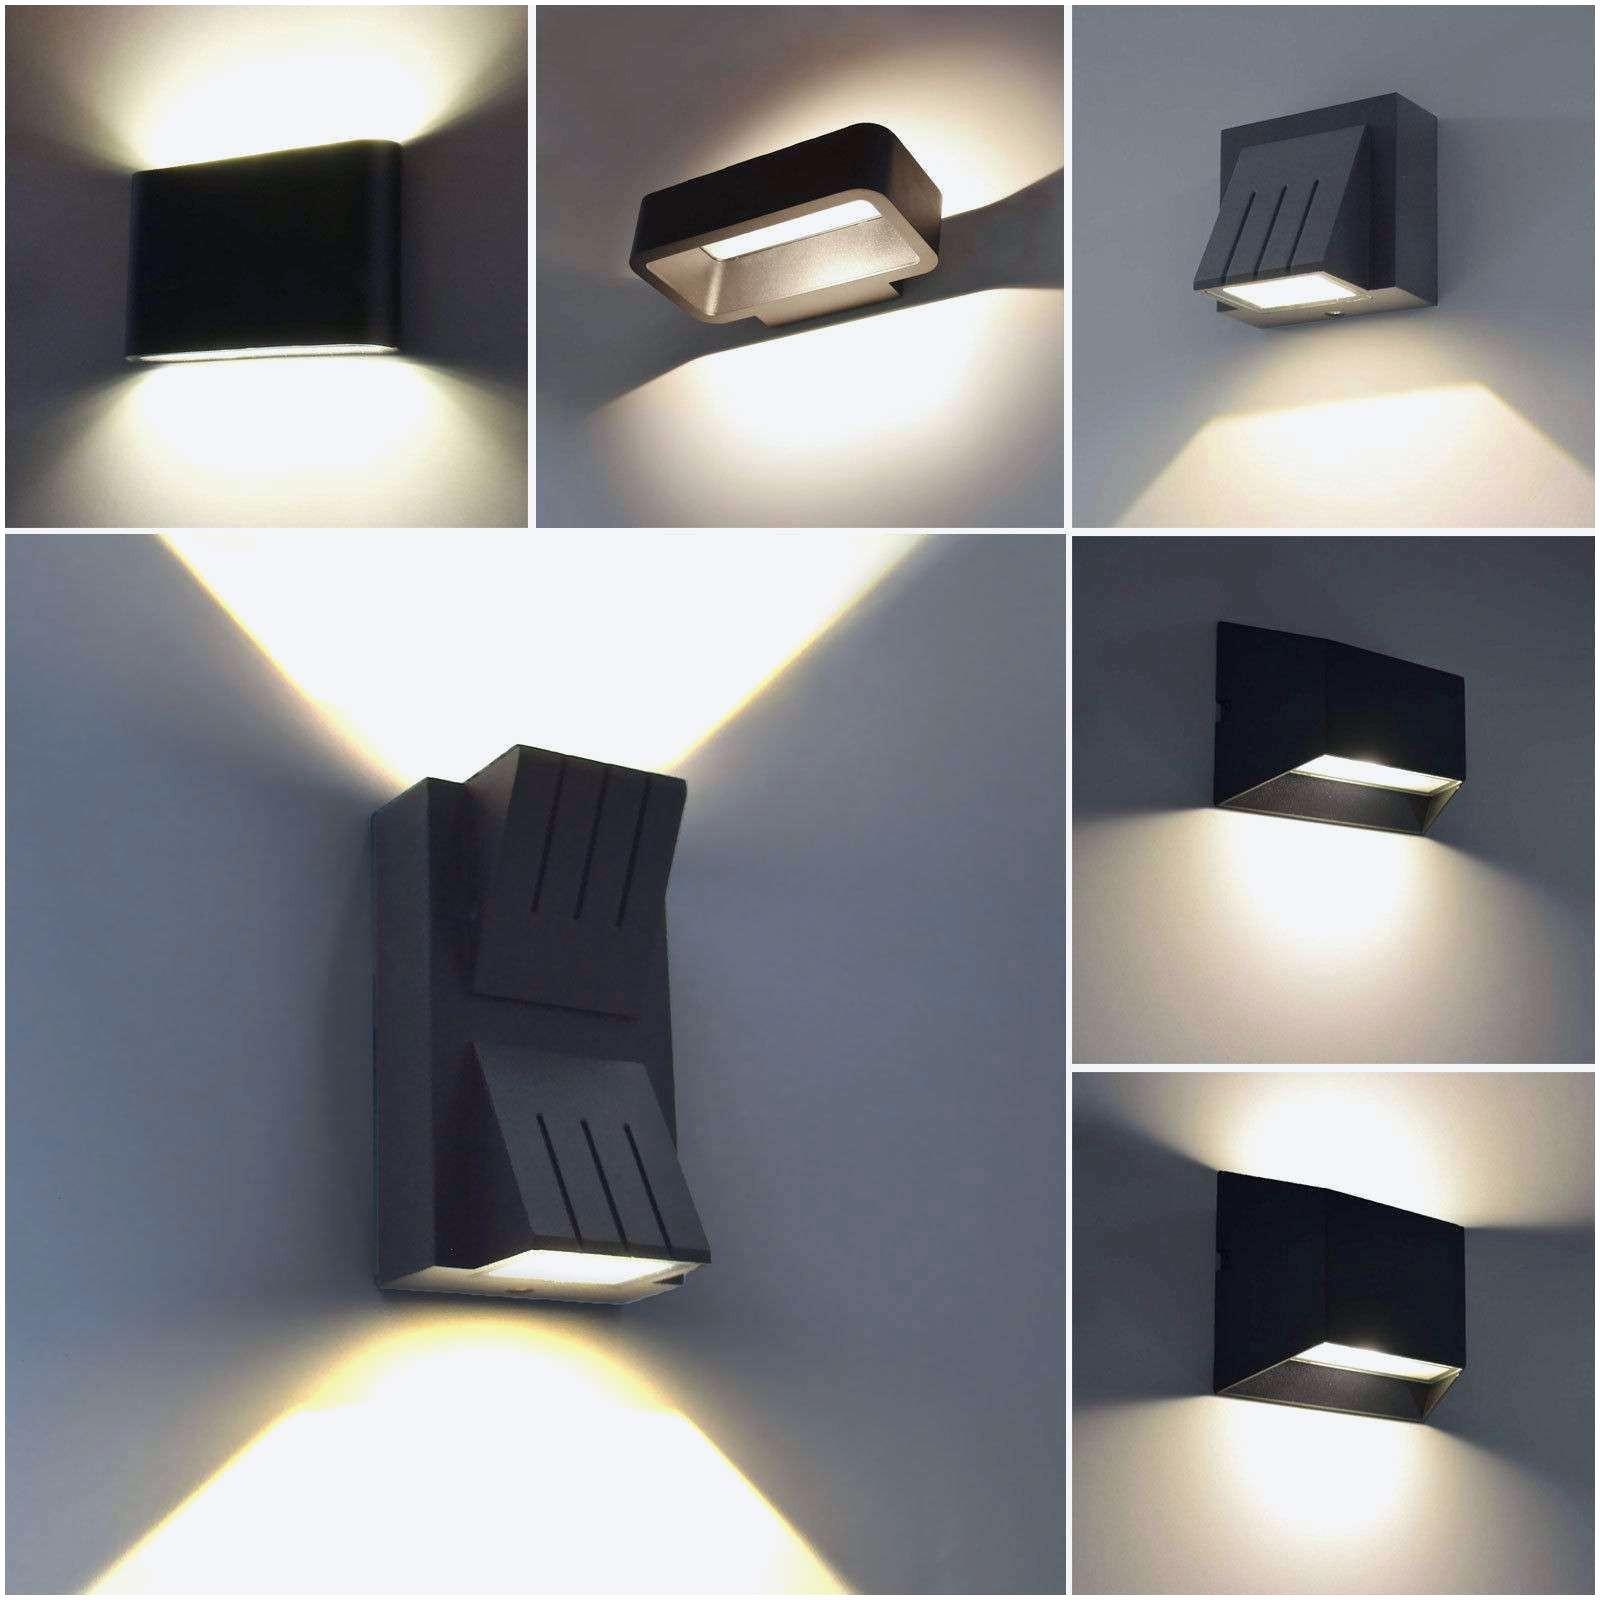 ikea wohnzimmer ideen neu spot sur rail ikea luxe wohnzimmer stehlampe schon nachttischlampe of ikea wohnzimmer ideen